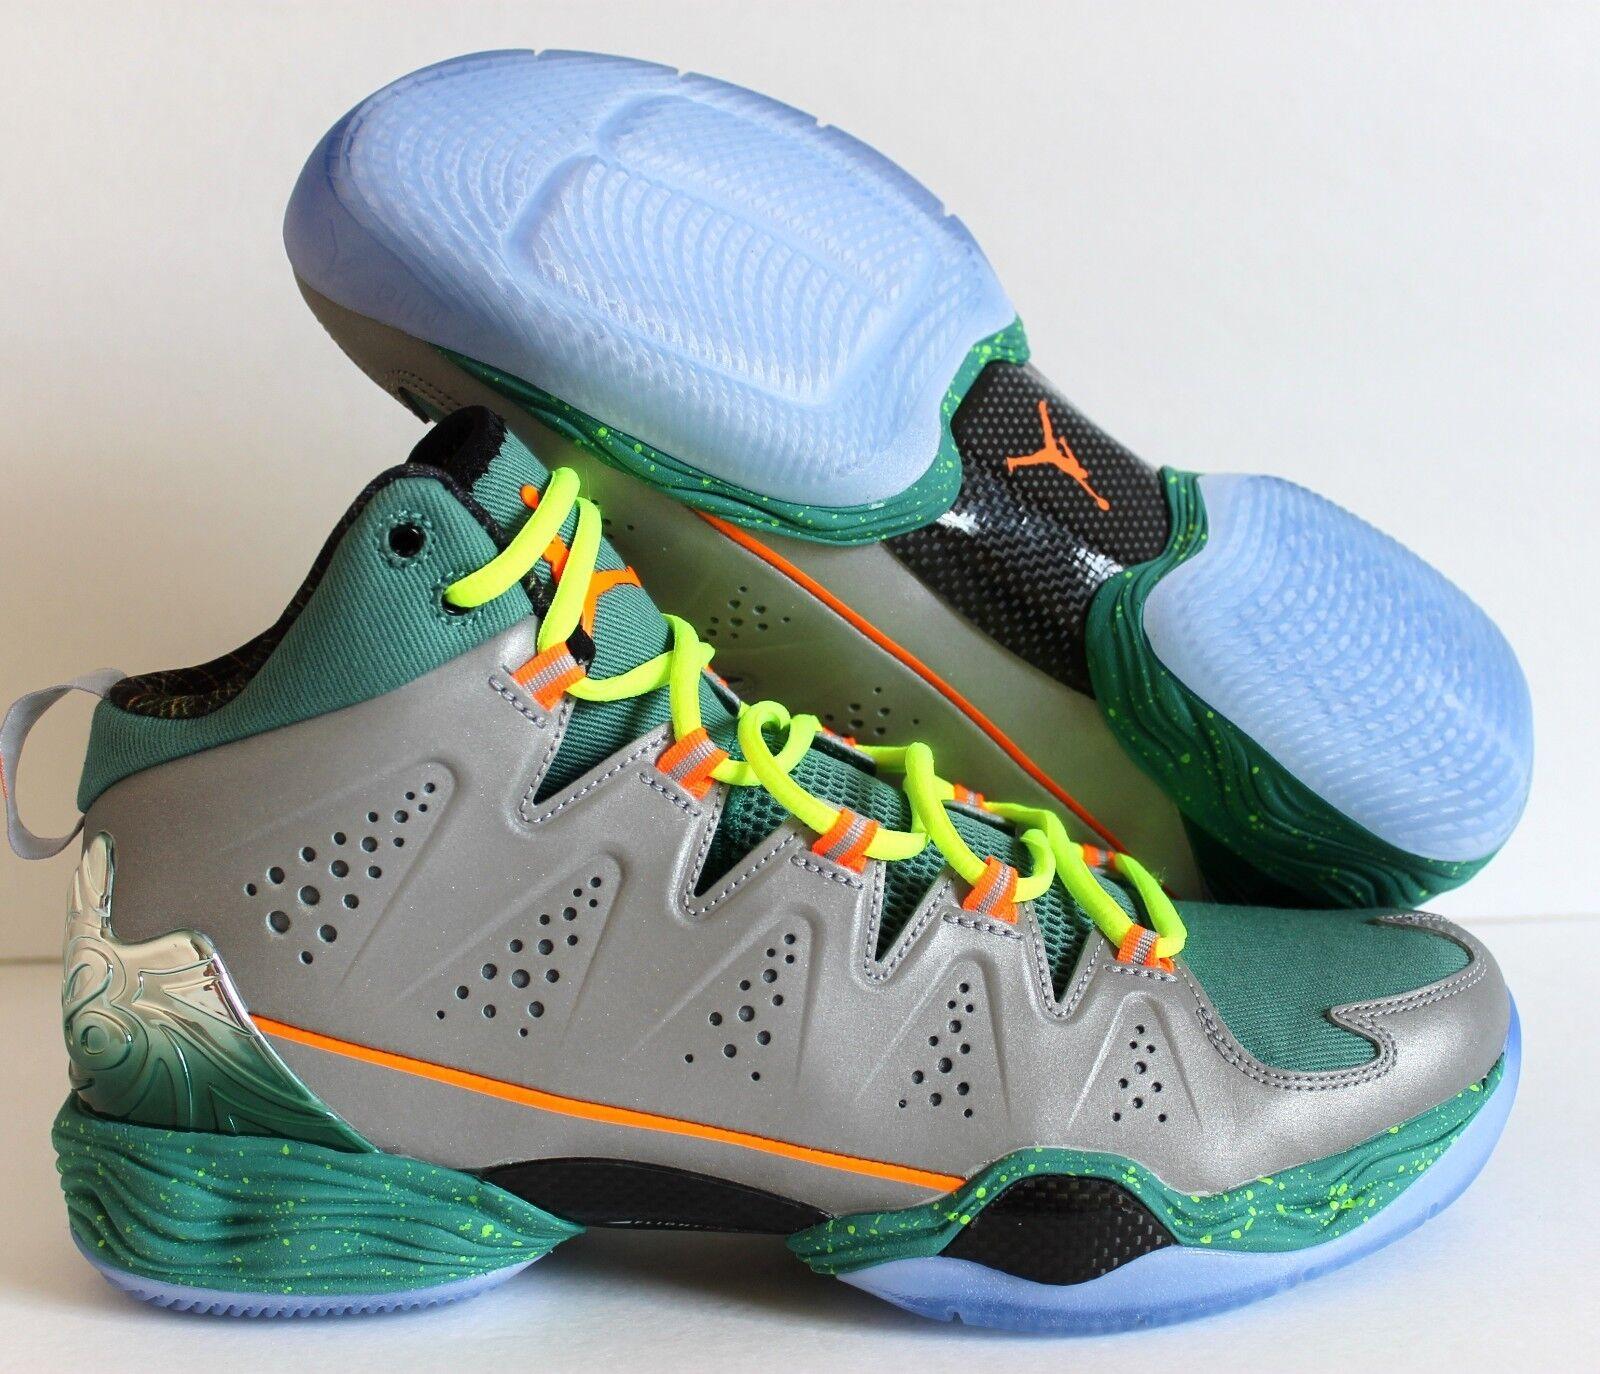 check out c6d92 87aed ... sale nike jordan melo m10 navidad plata naranja volt reducción para de  precios nuevos zapatos para